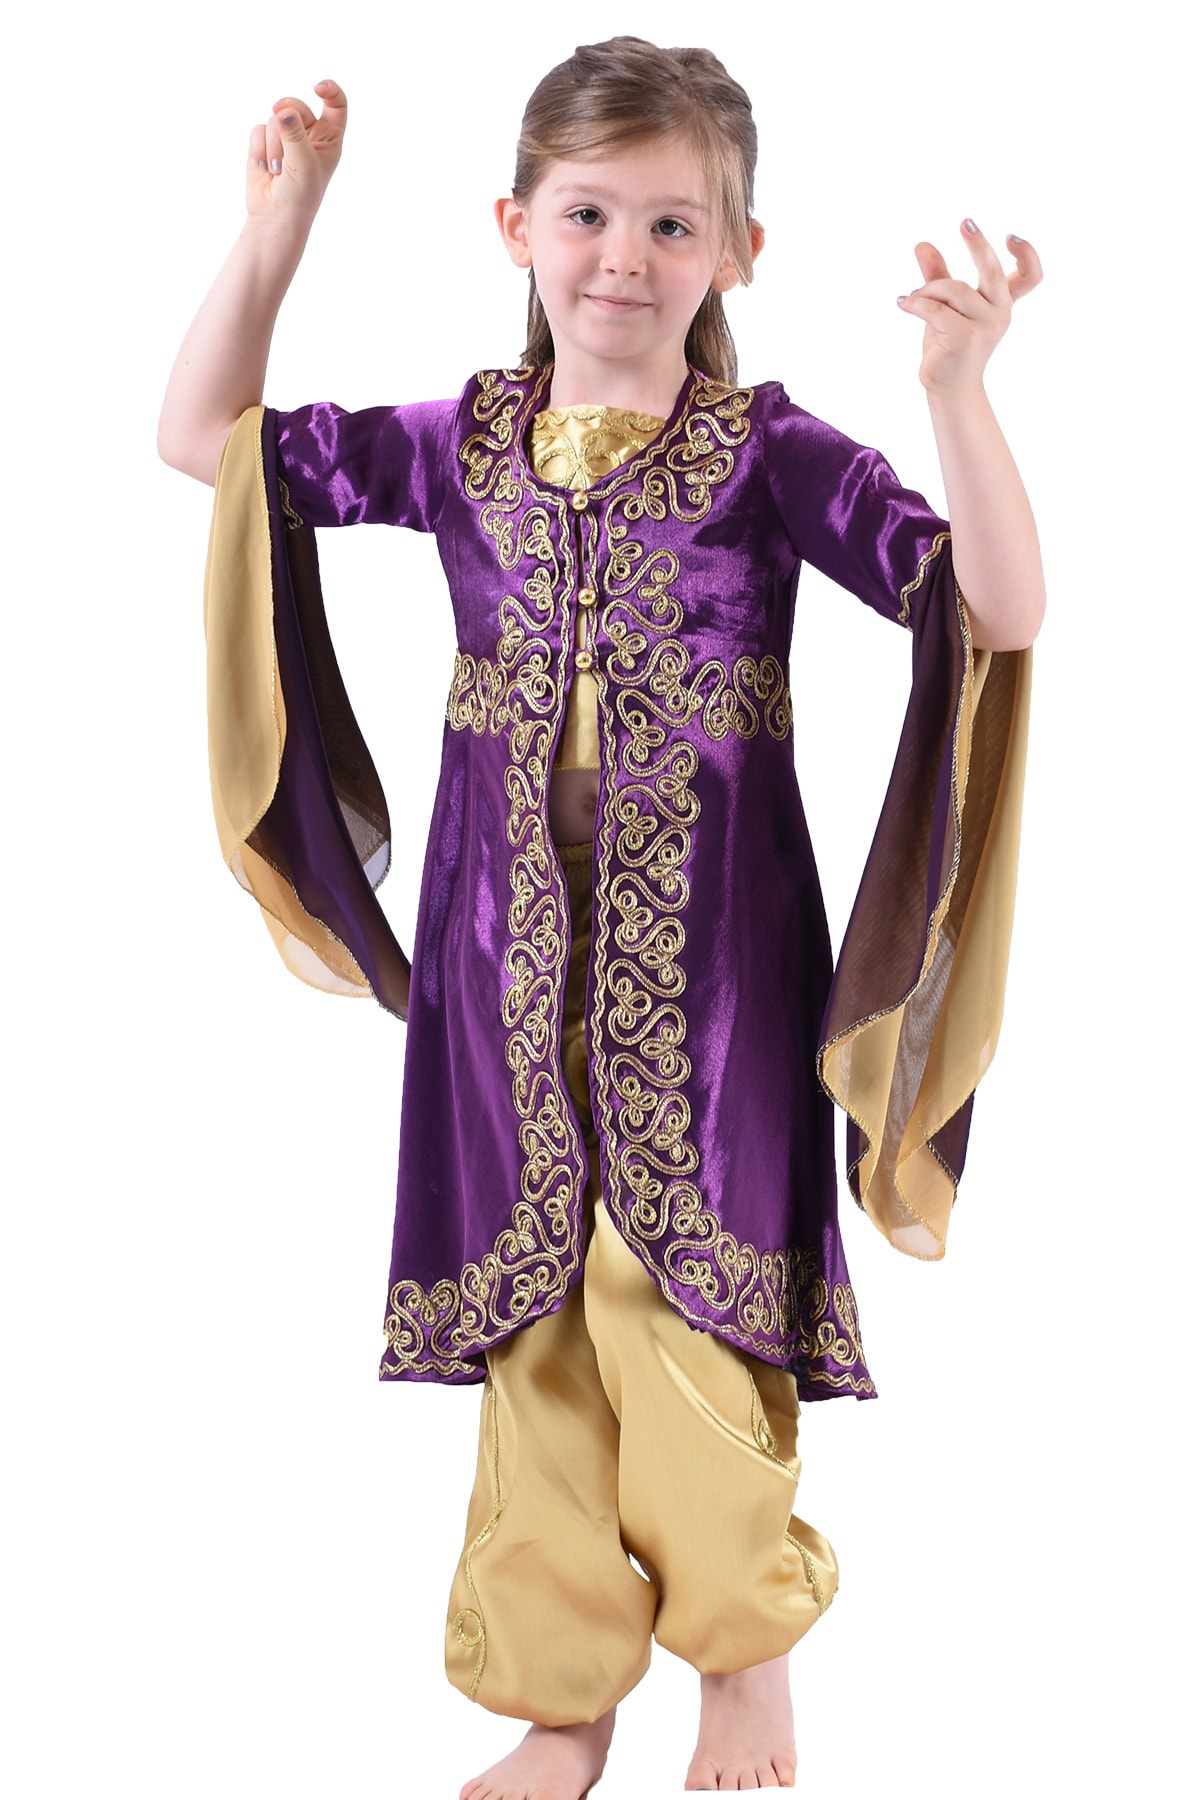 خرید لباس مجلسی 2021 دخترانه برند ceocuk رنگ بنفش کد ty88753961